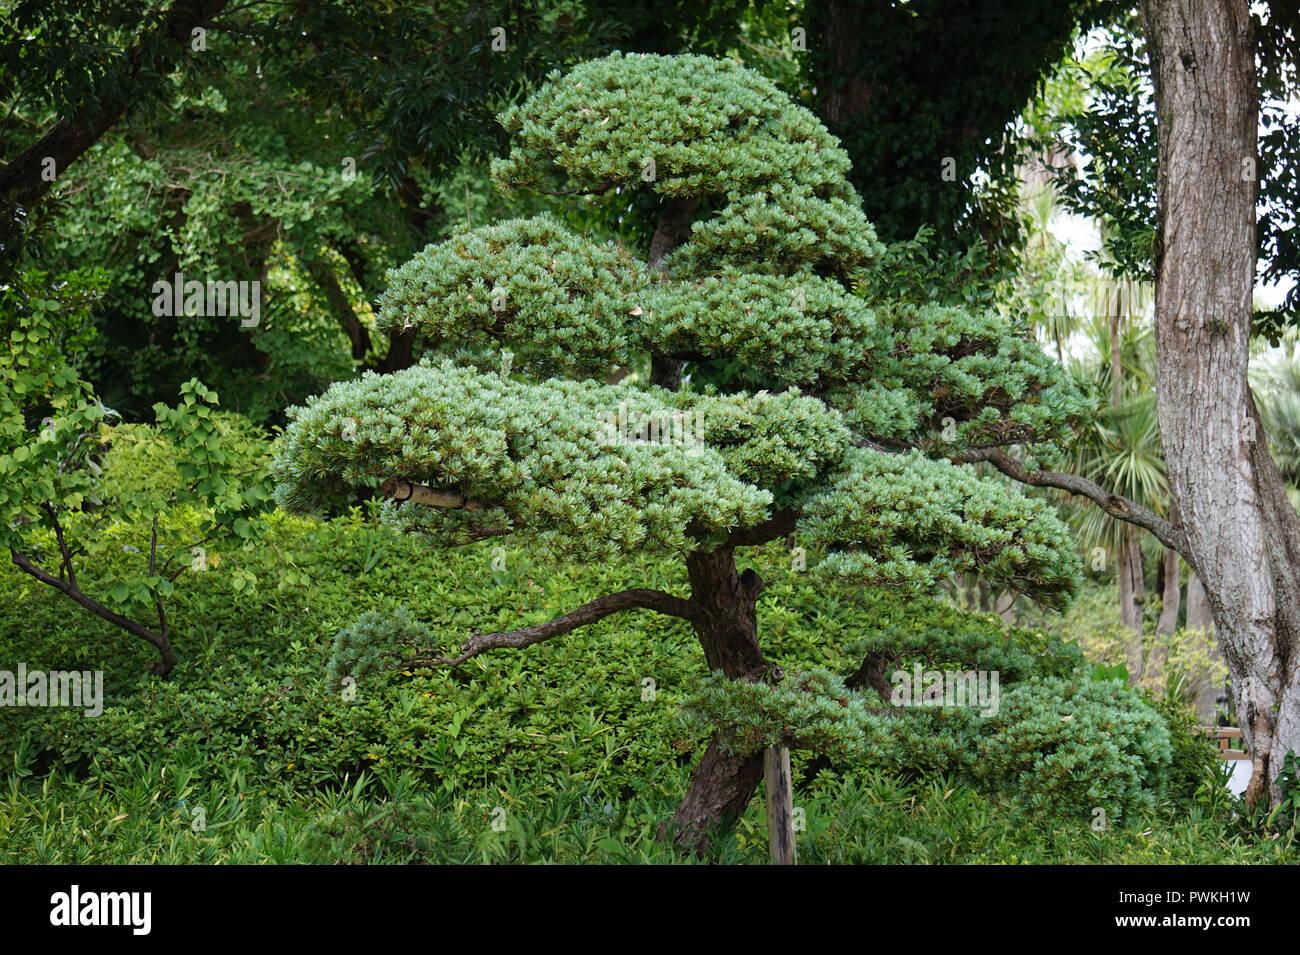 Japanische Baum Im Garten Stockfoto Bild 222321285 Alamy